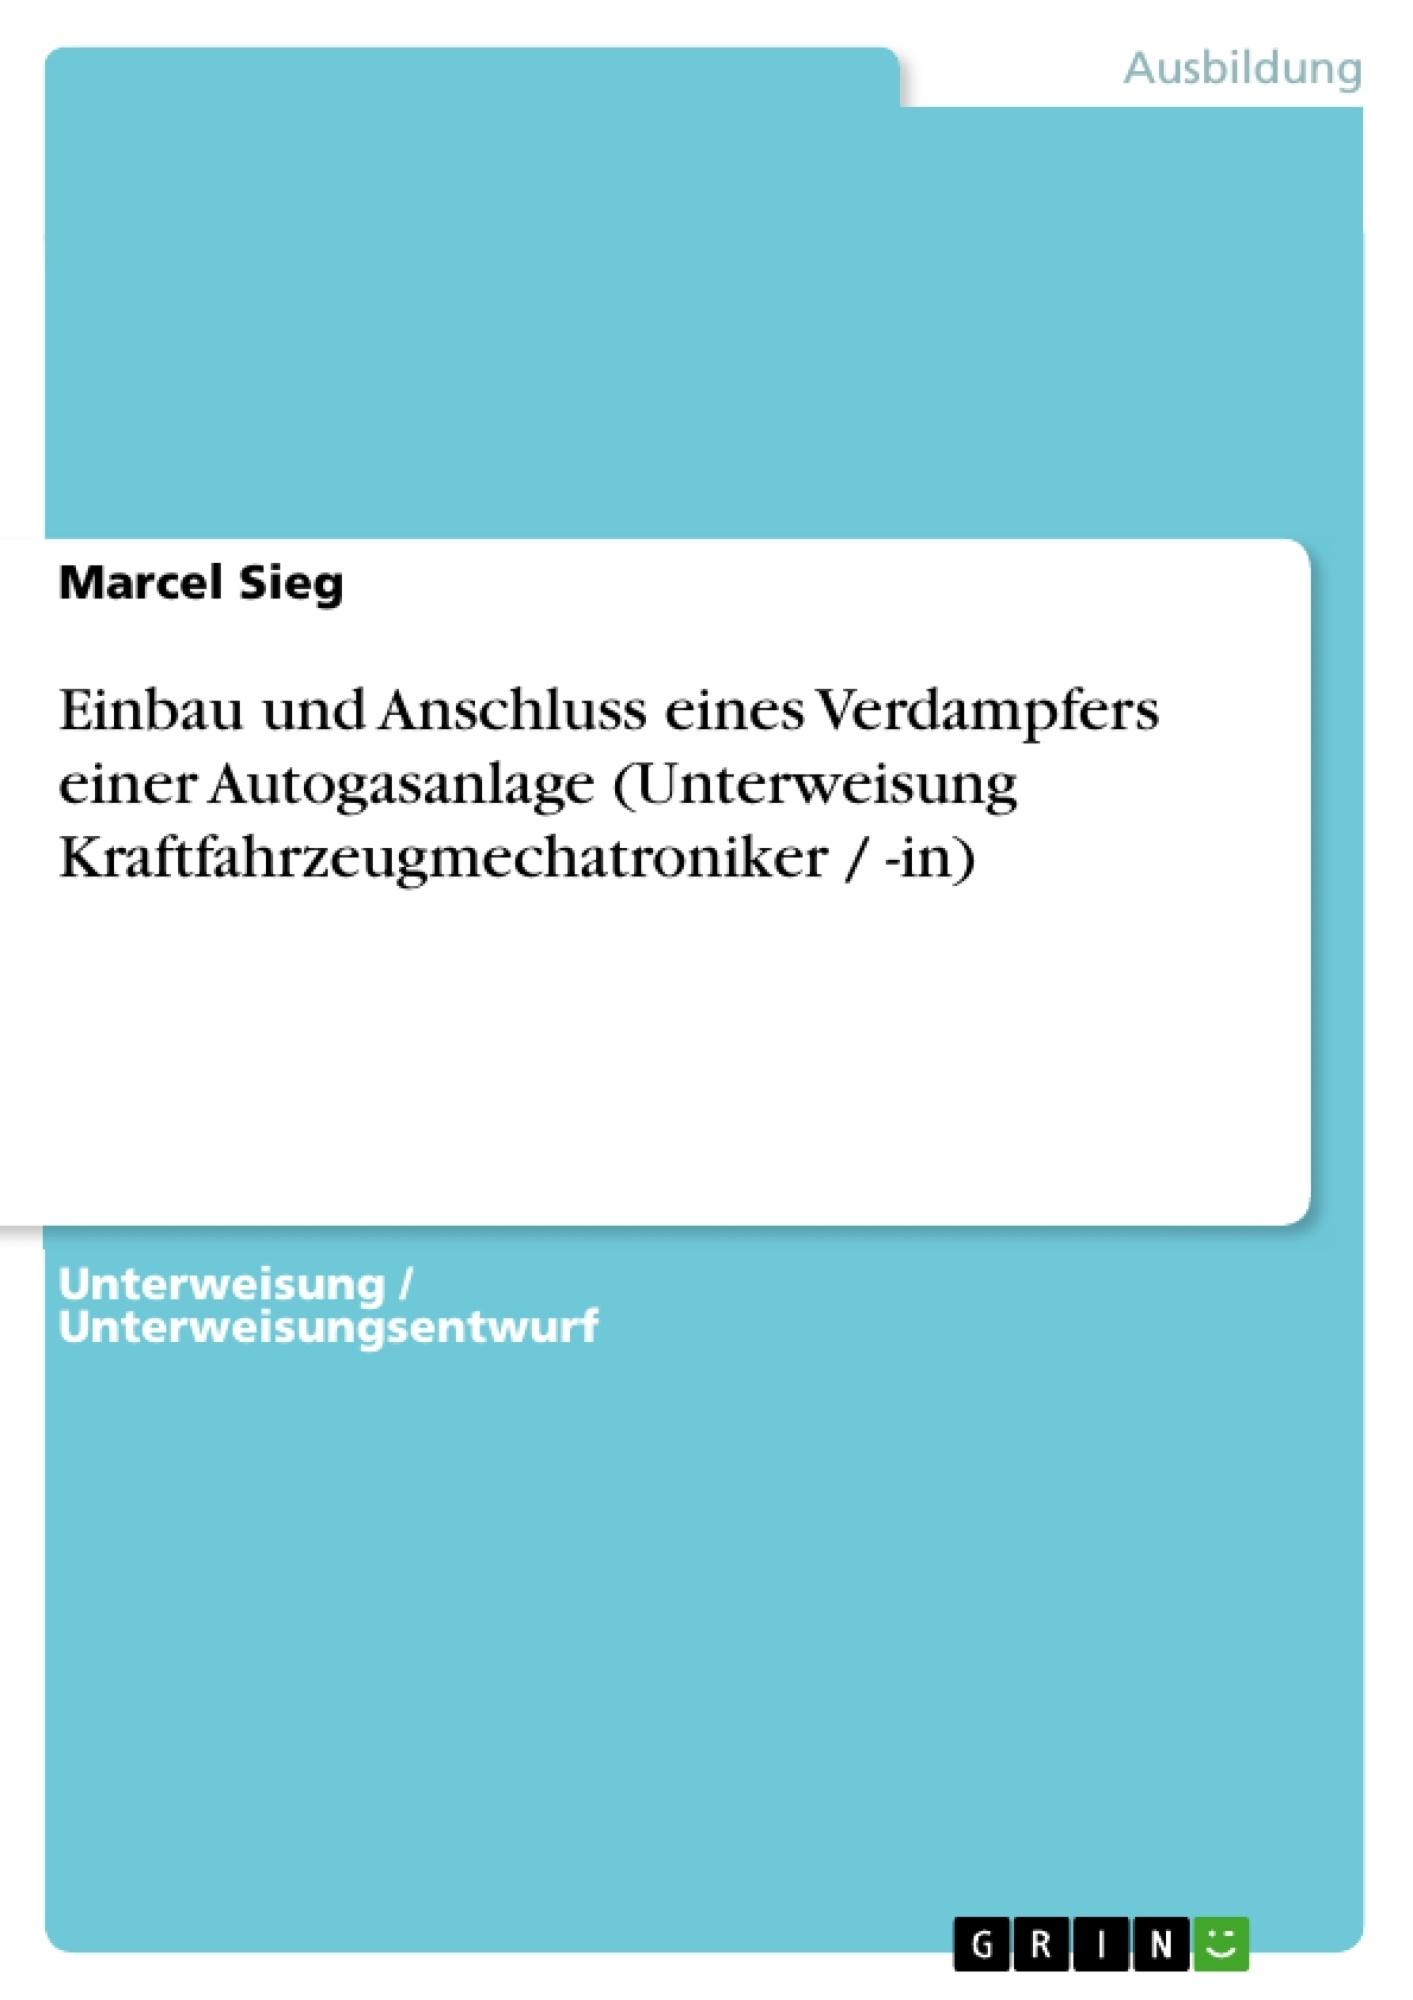 Titel: Einbau und Anschluss eines Verdampfers einer Autogasanlage (Unterweisung Kraftfahrzeugmechatroniker / -in)